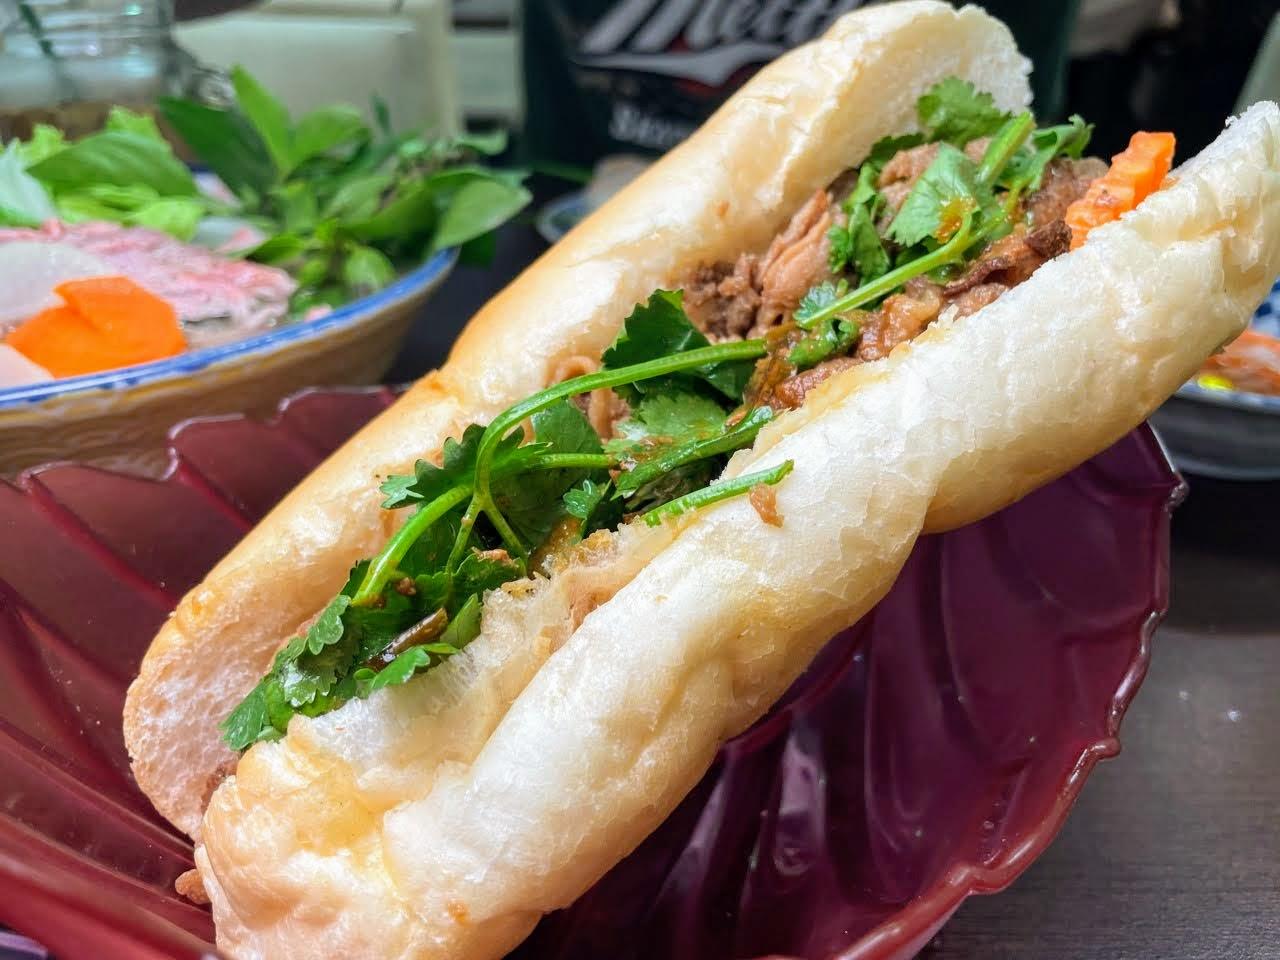 東郭小卷河粉越南美食館 / 巷弄裡的越是好滋味 / 看電影前的晚餐 /  台南東區